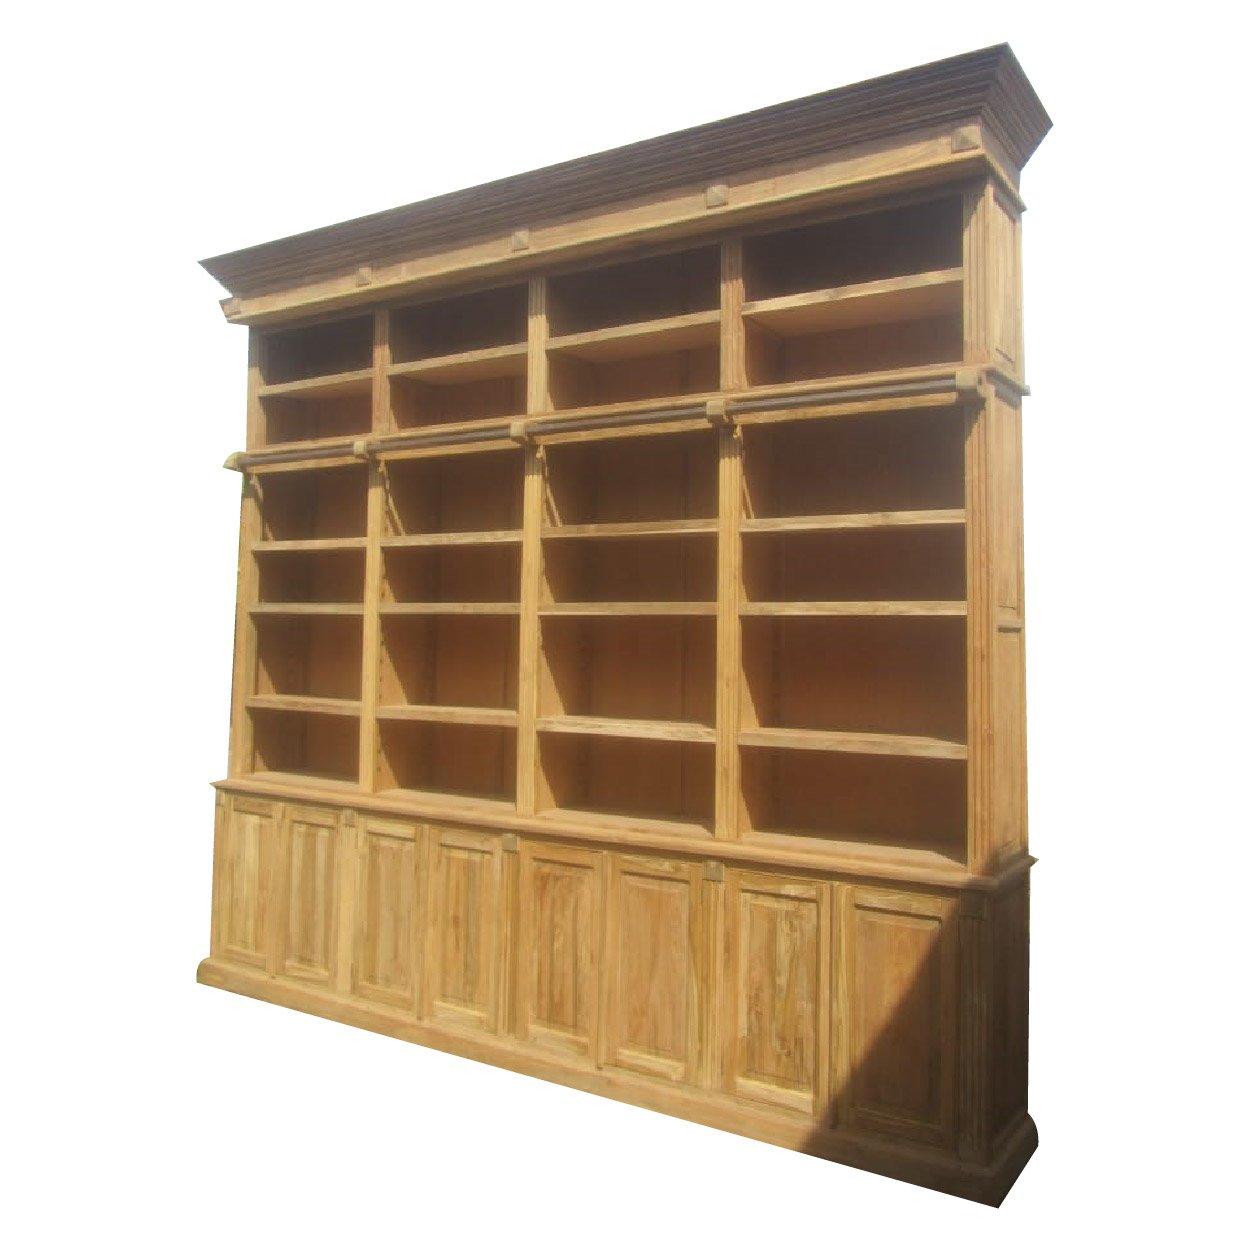 Verwonderend Boekenkast 'Bibliotheekkast' 368x61x332 cm - OLMEGA Rotterdam DJ-45